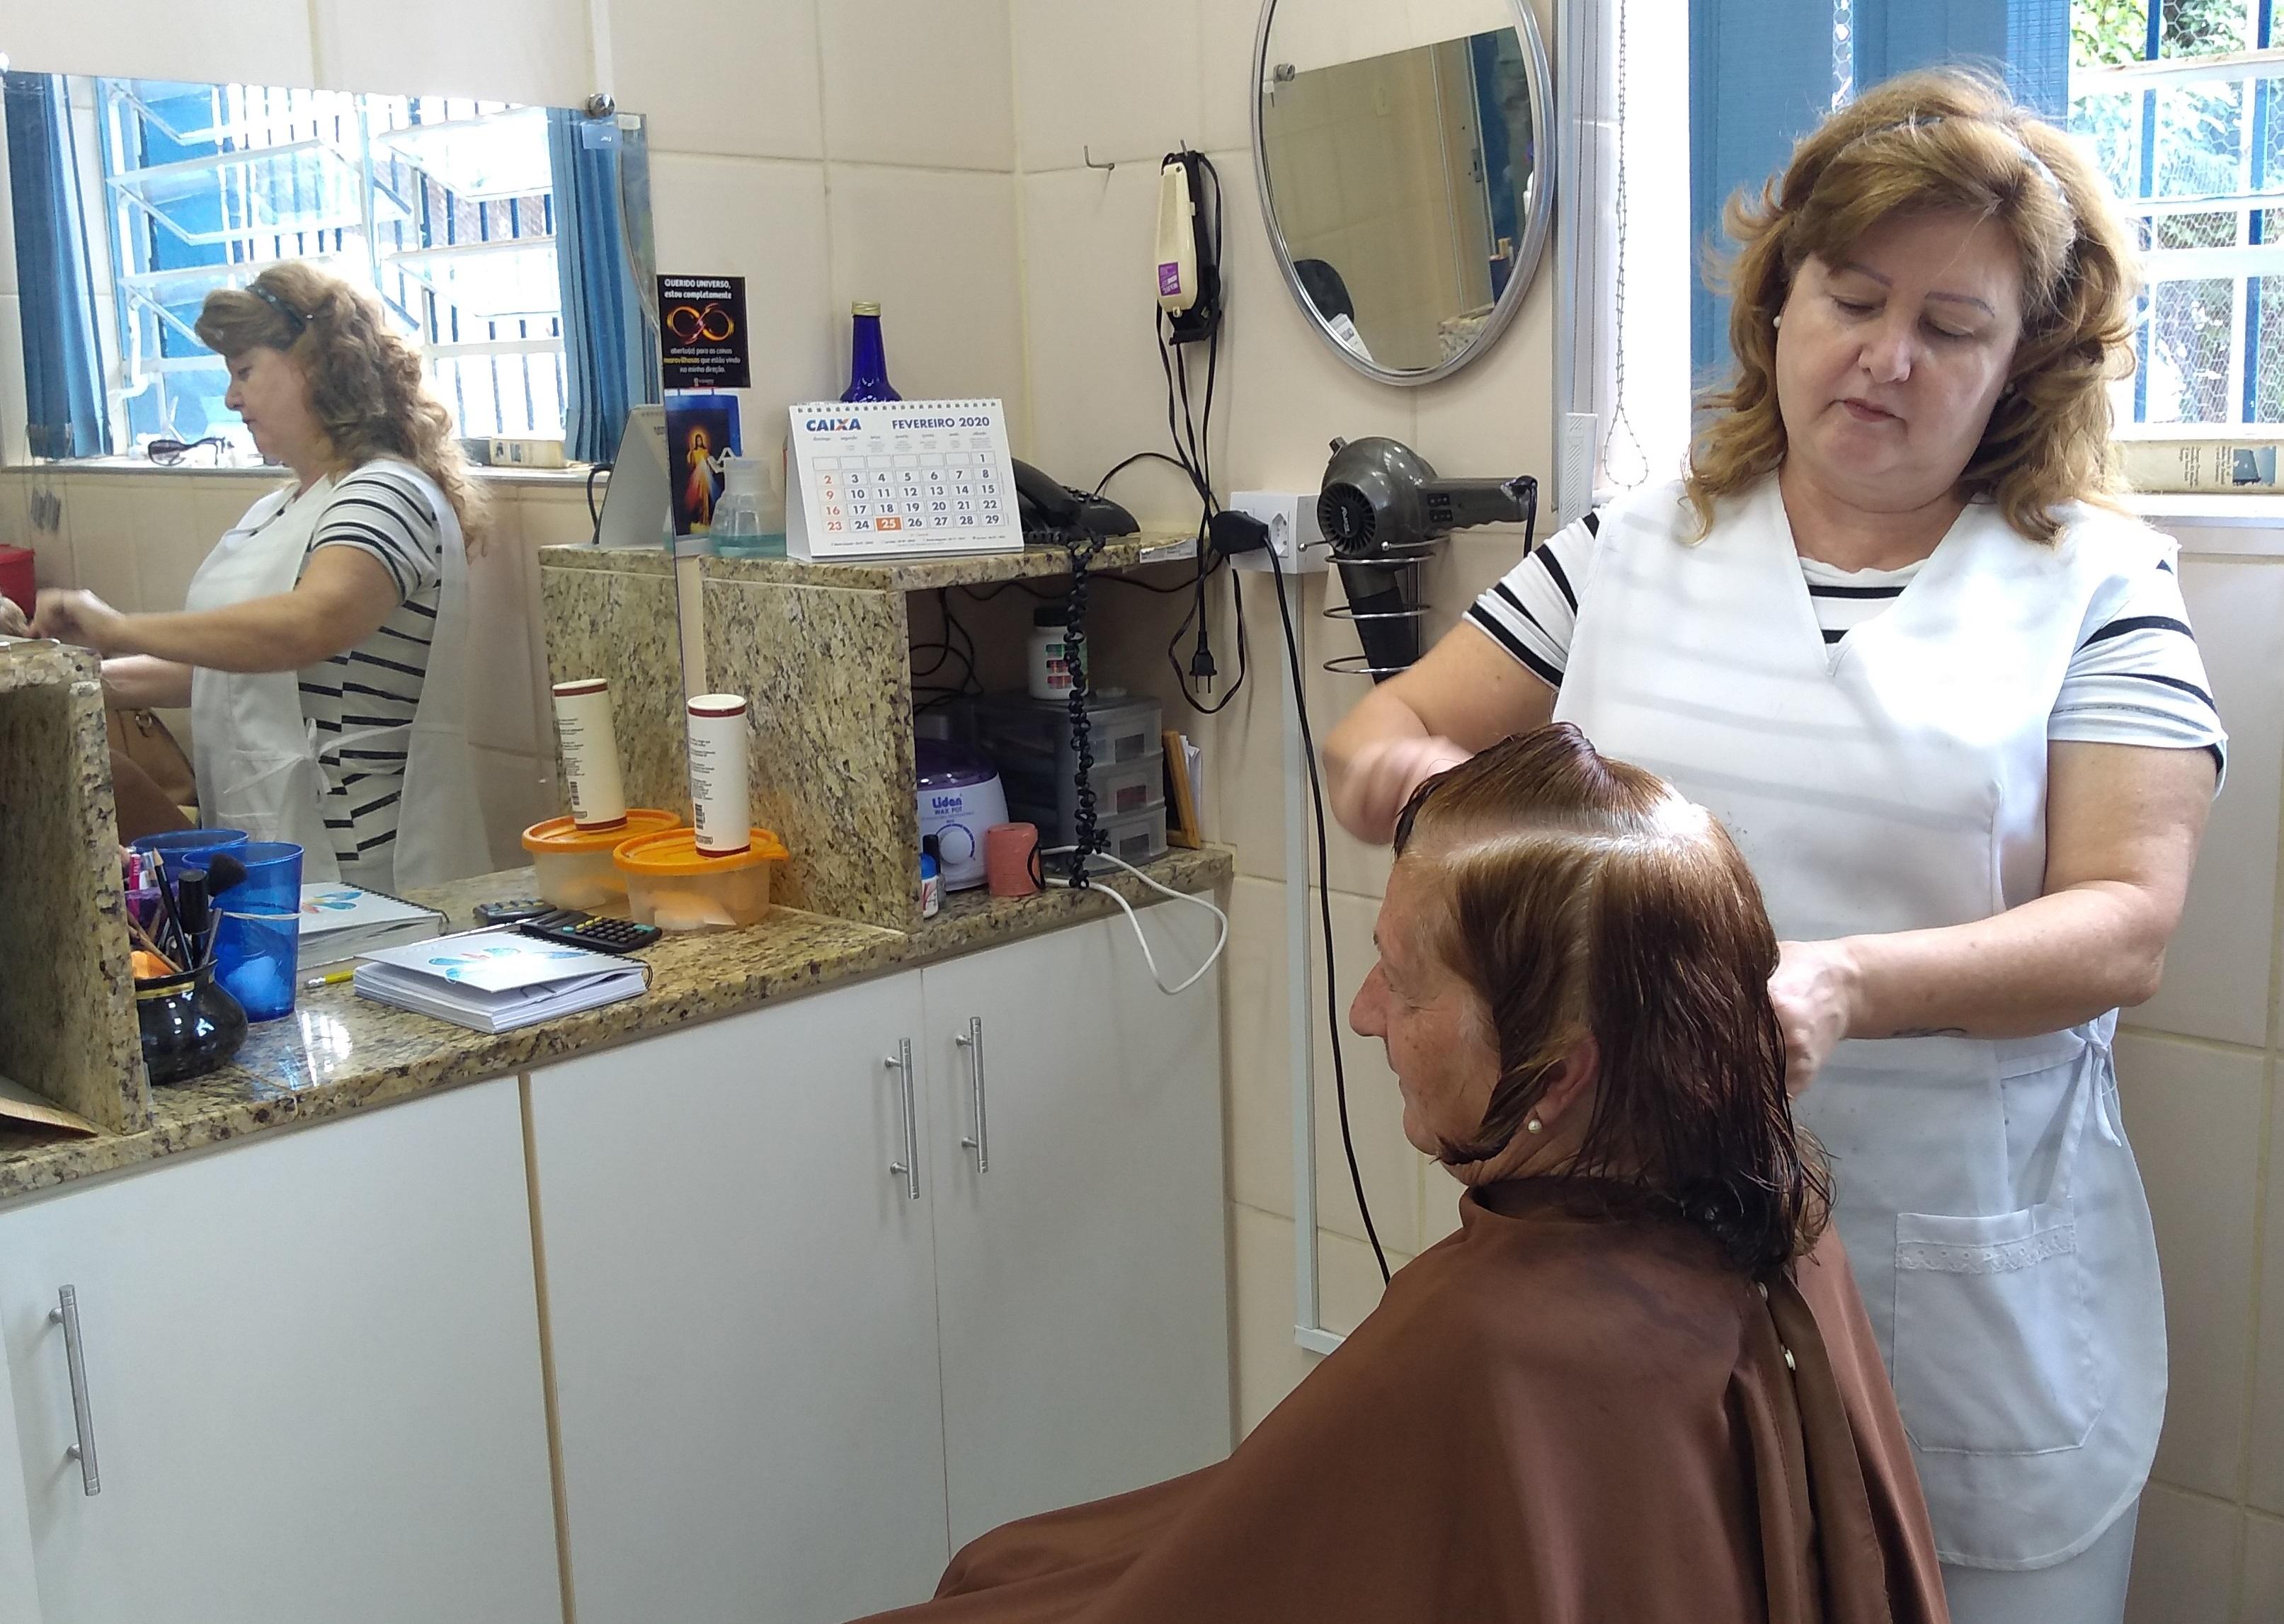 Salão: Cleuza é cabeleireira há 26 anos no Salão de Beleza do Sindicato (Foto: Assessoria Sindicato)